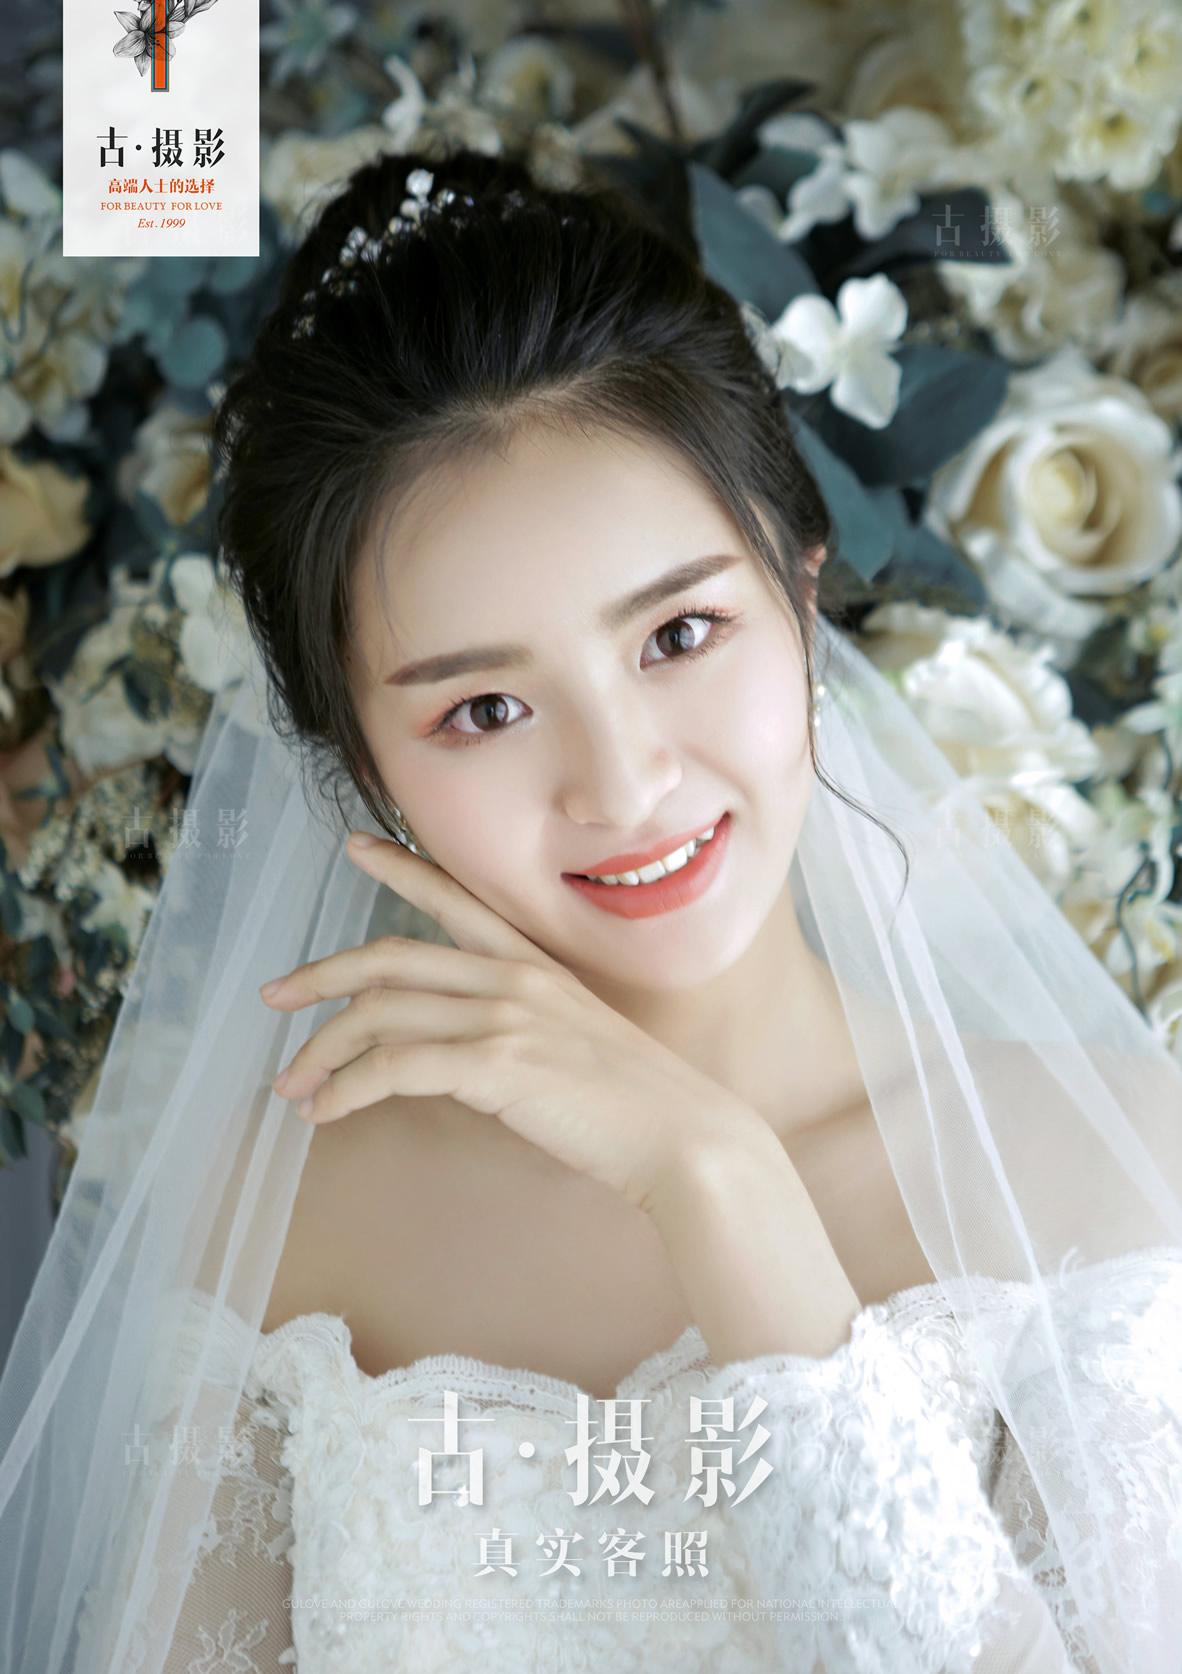 6月12日客片汪先生 张小姐 - 每日客照 - love昆明古摄影-昆明婚纱摄影网